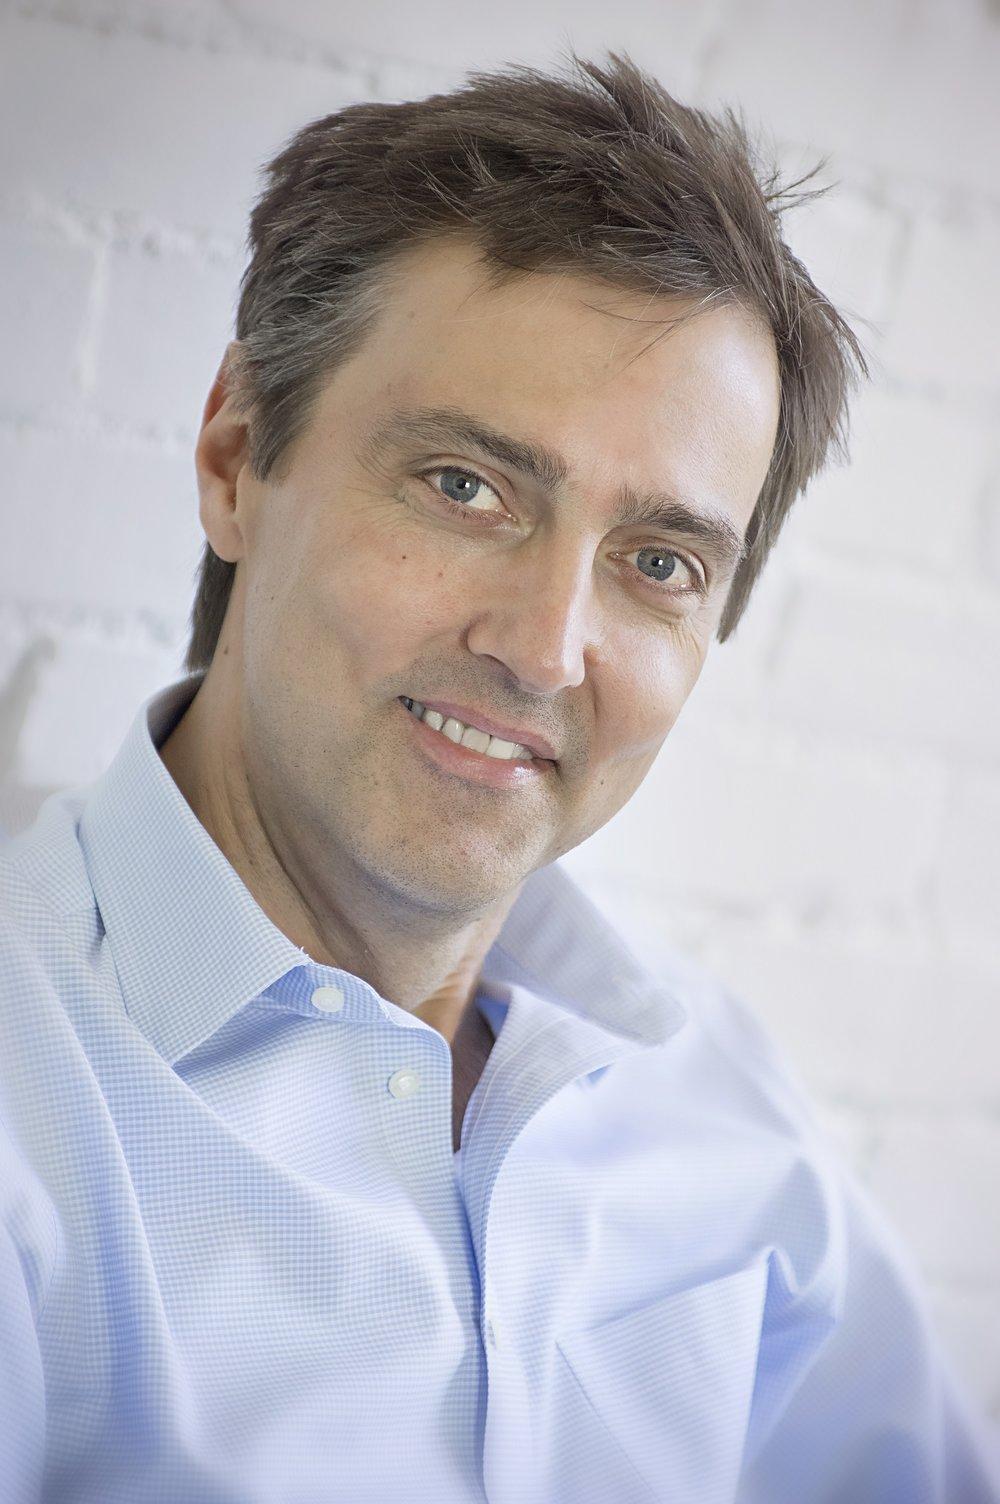 Dave Luehr